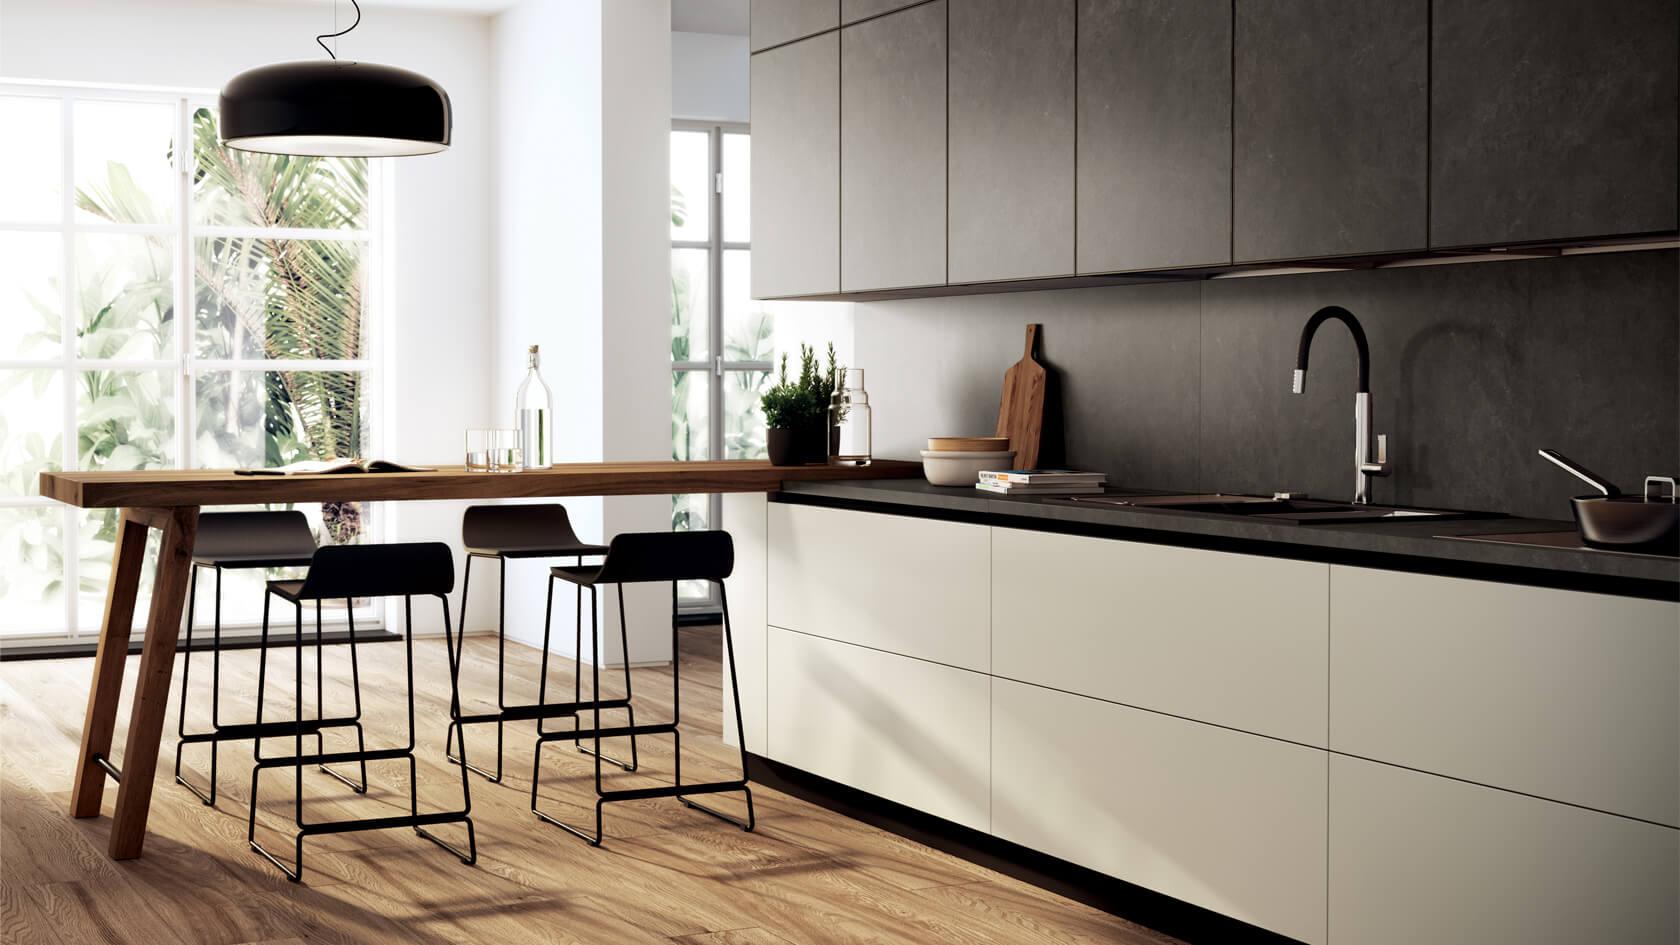 Шкафы без ручек в кухне: достоинства и недостатки